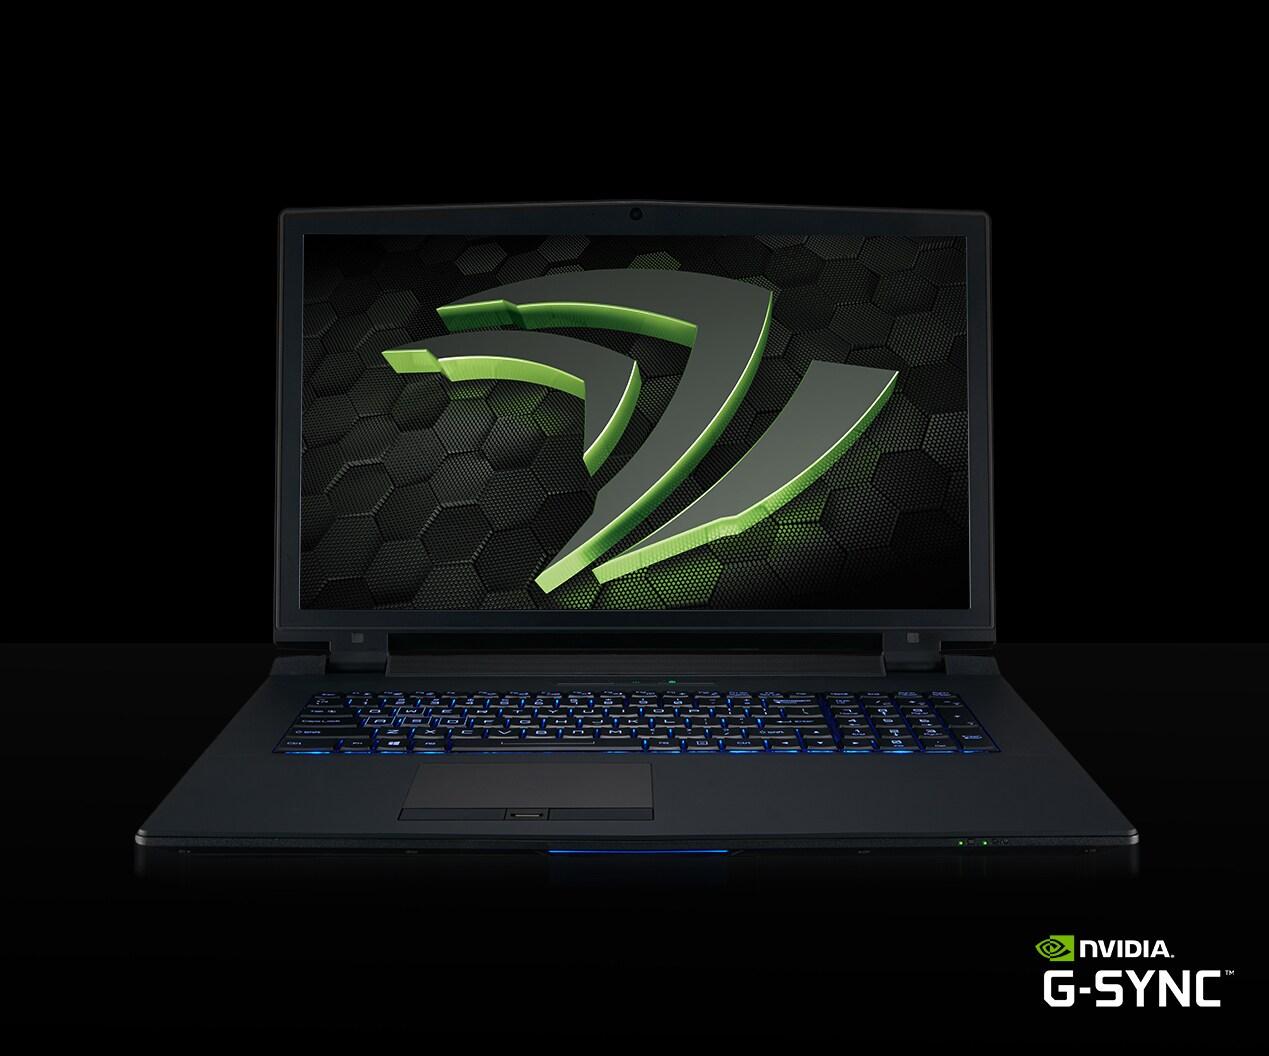 nvidia g-sync notebook